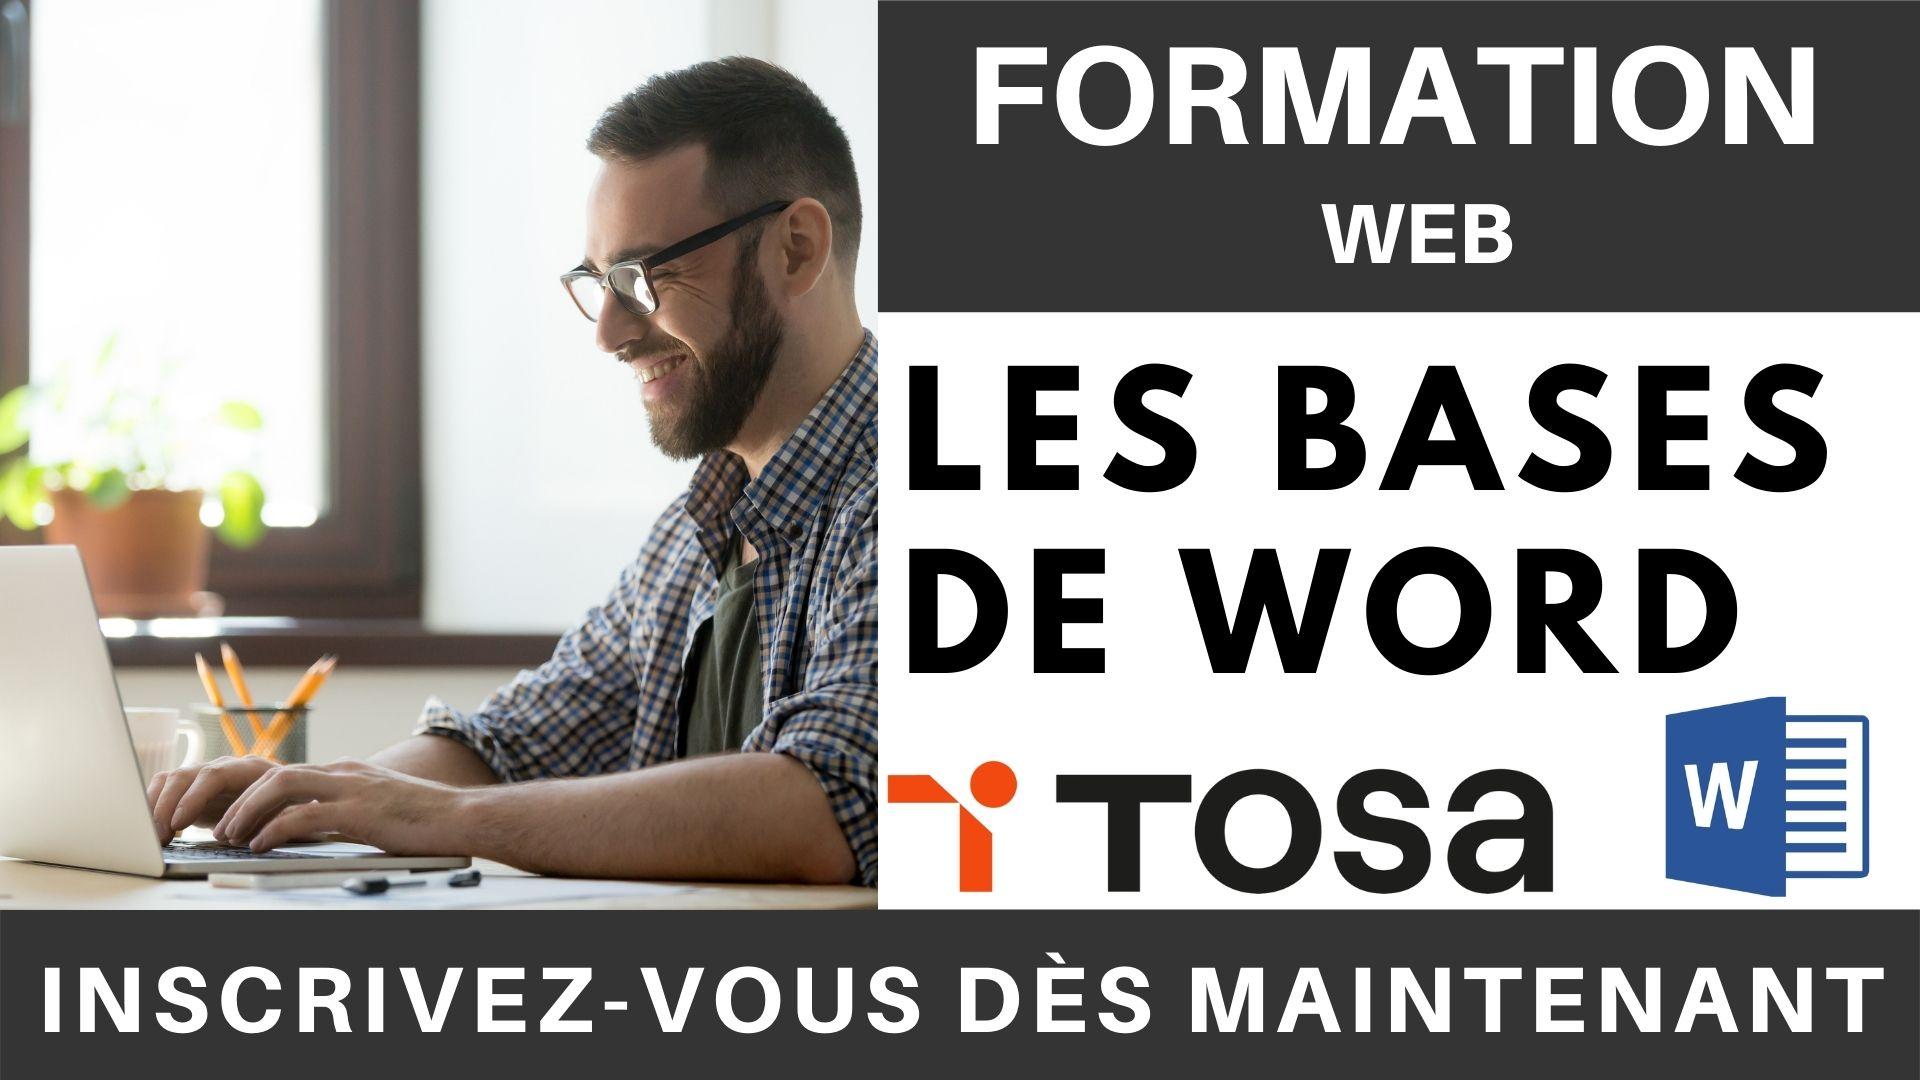 Formation WEB - Formation Les Bases de Word - Préparation TOSA